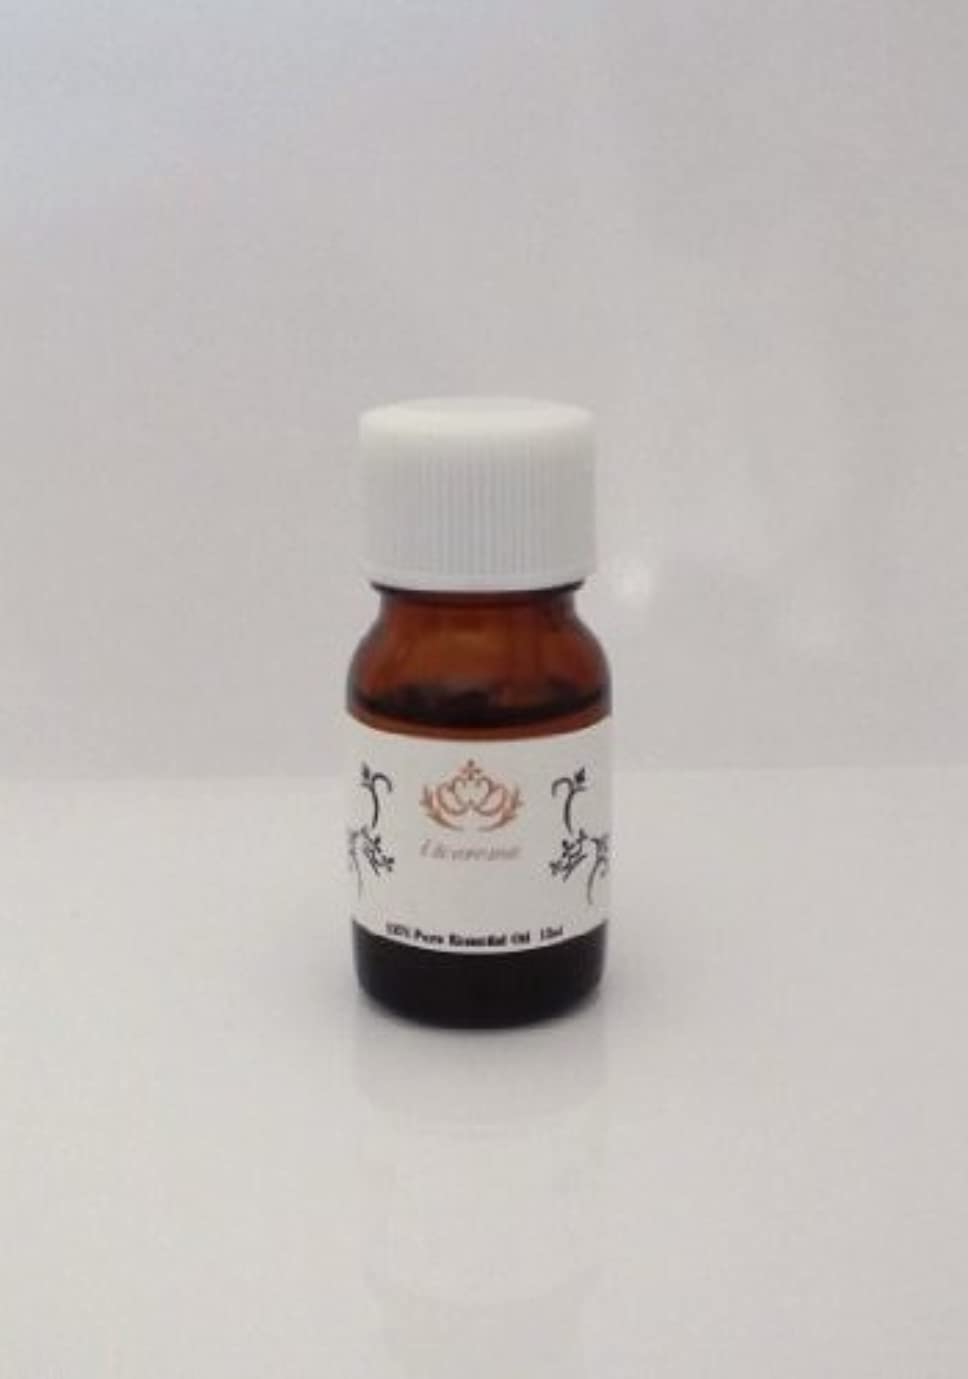 たるみ延期する相互接続i&aroma オリジナルブレンドオイル 【プリンセスローズ】 (10ml)